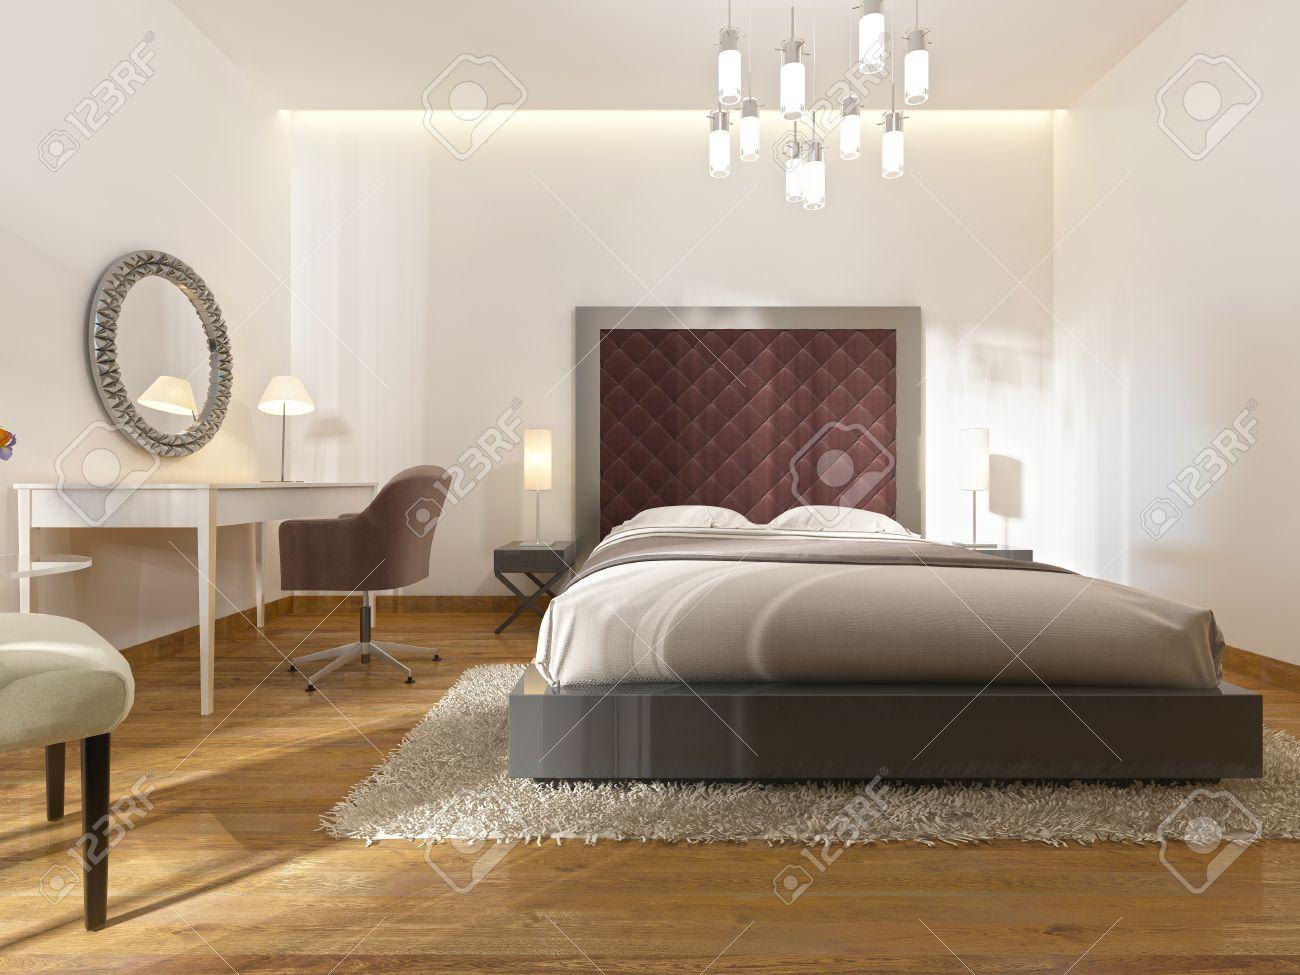 Camere Da Letto Art Deco : Immagini stock una camera d albergo di lusso in stile art déco